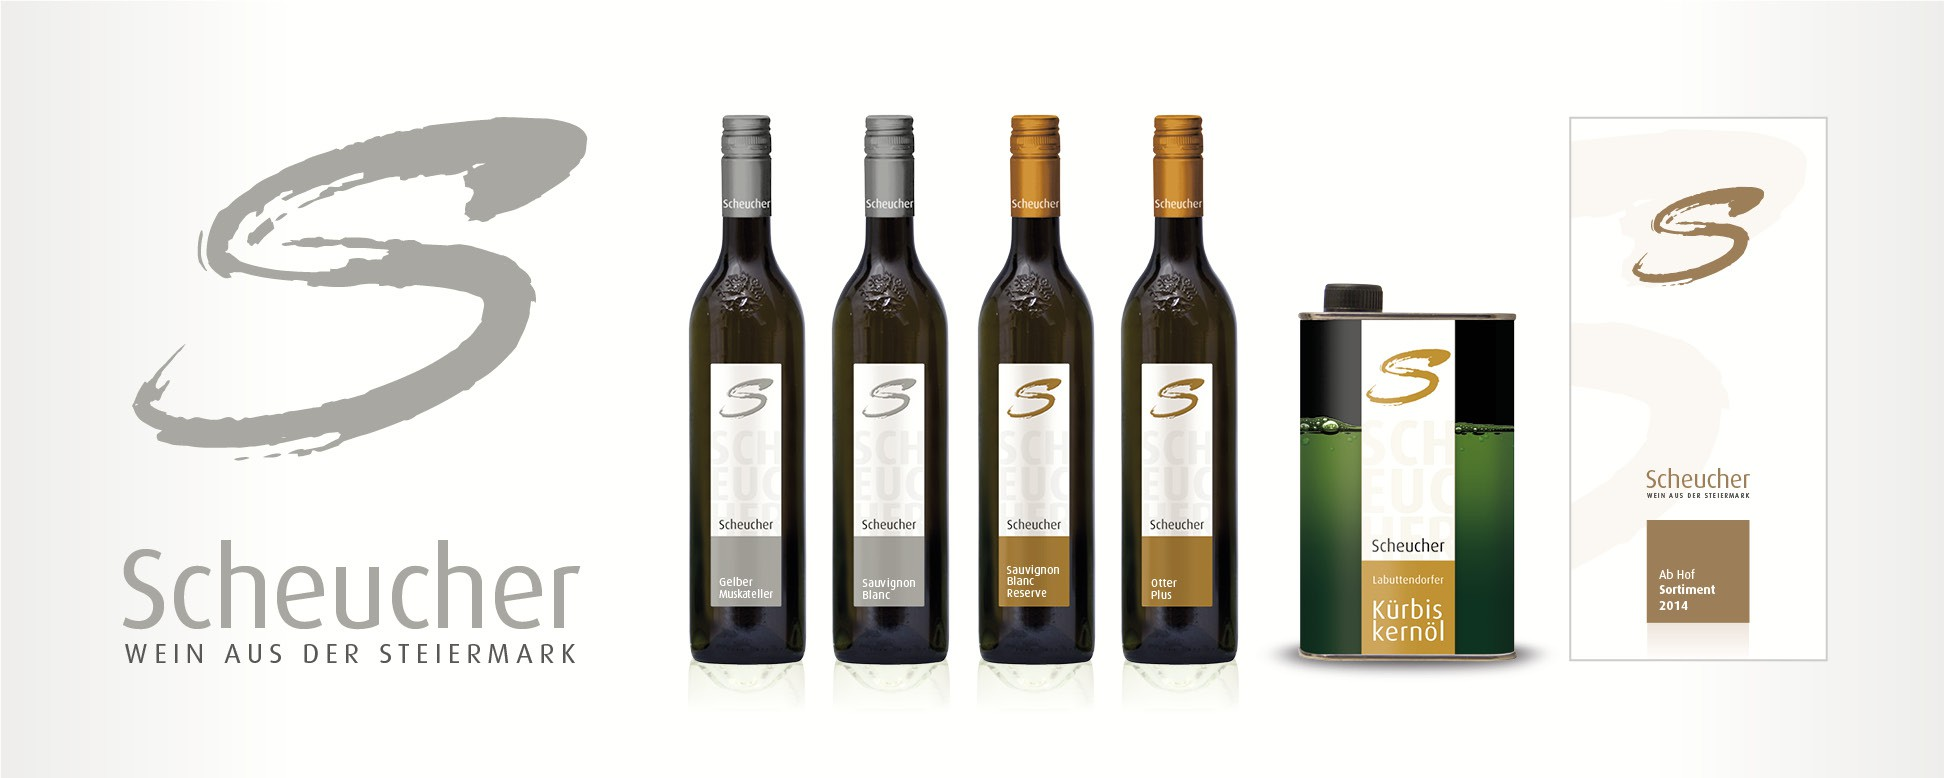 Neues Corporate Design und Etikettengestaltung fu00fcr das Weingut ...